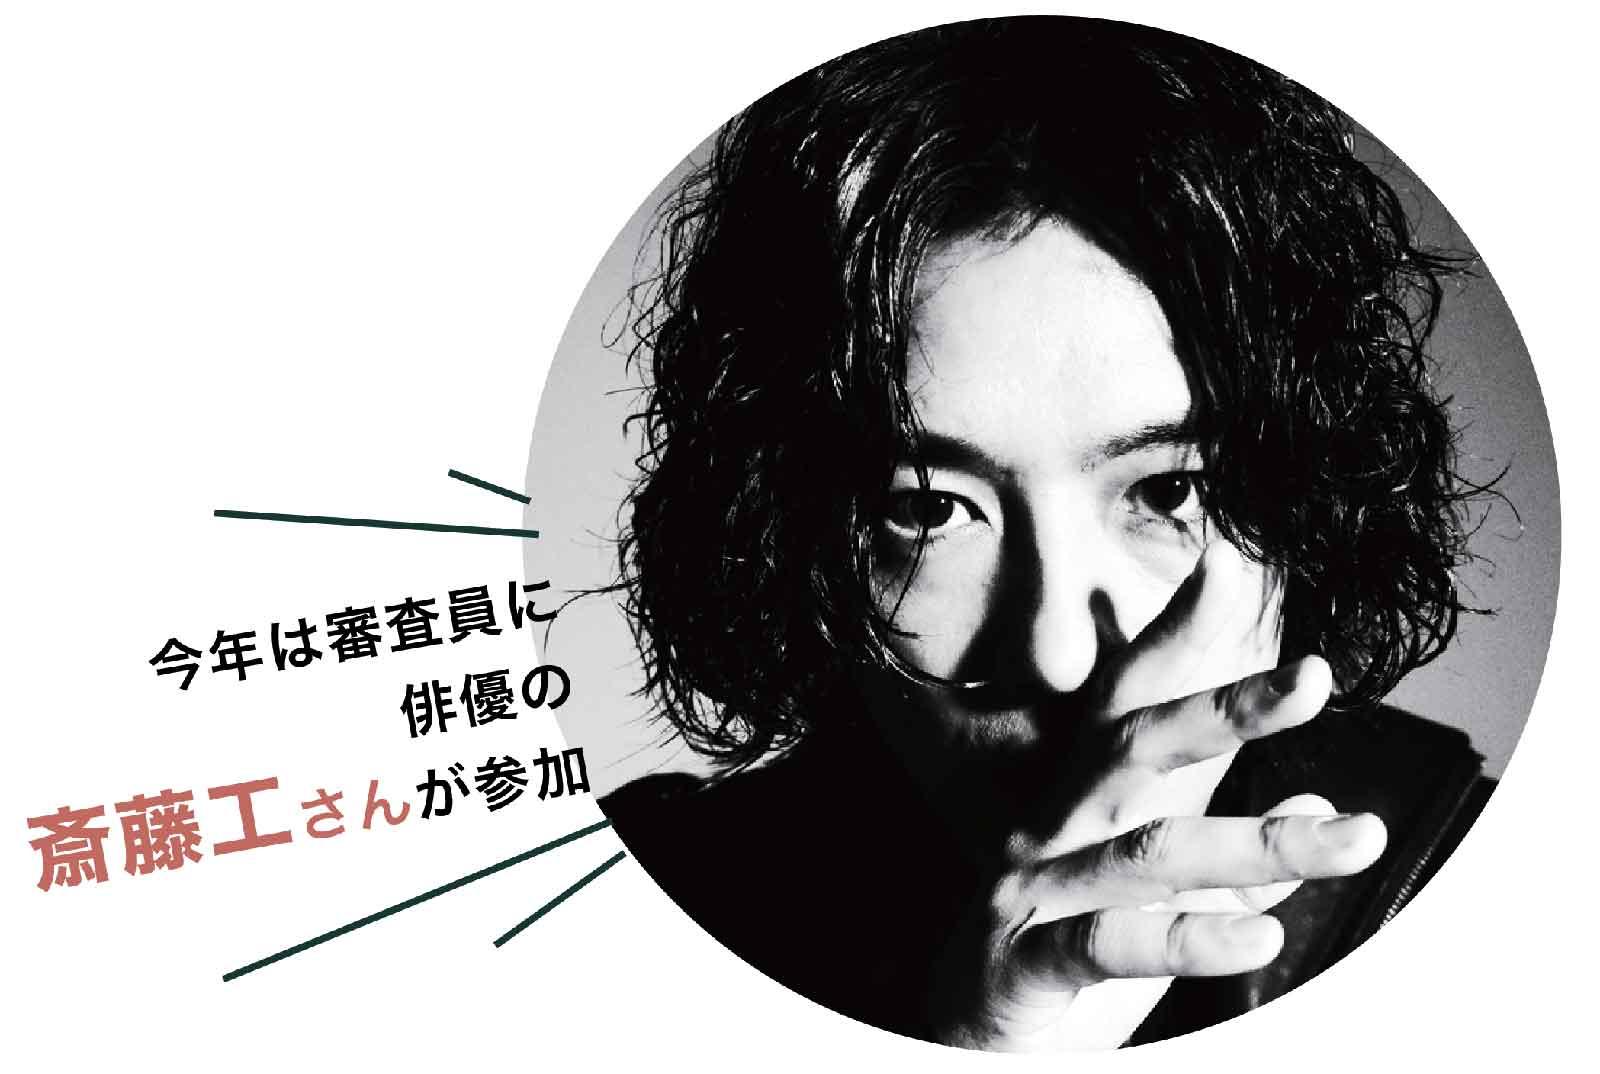 今年は審査員に俳優の斎藤工さんが参加